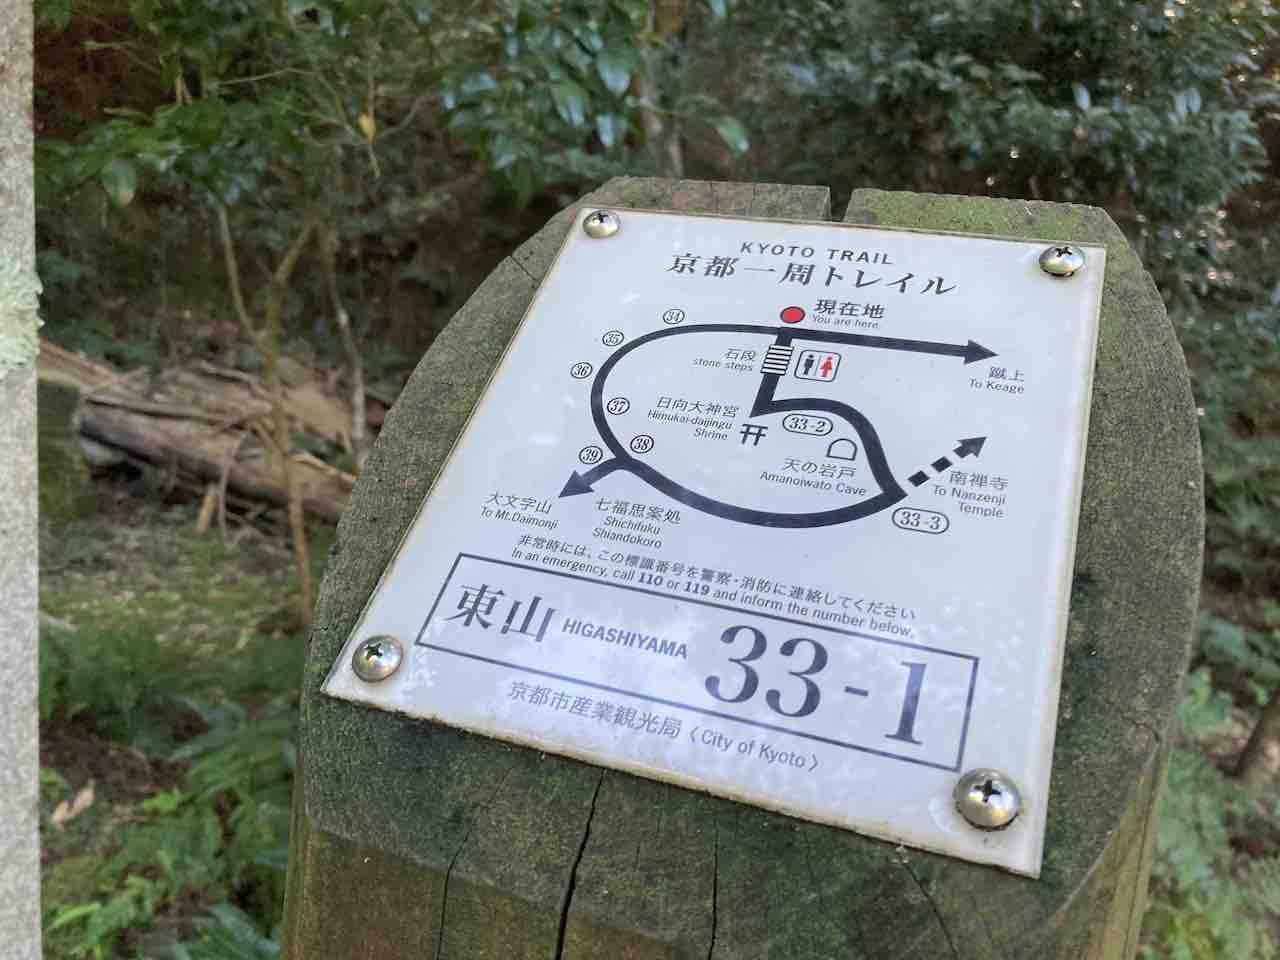 京都一周トレイル 日向大神宮エリア